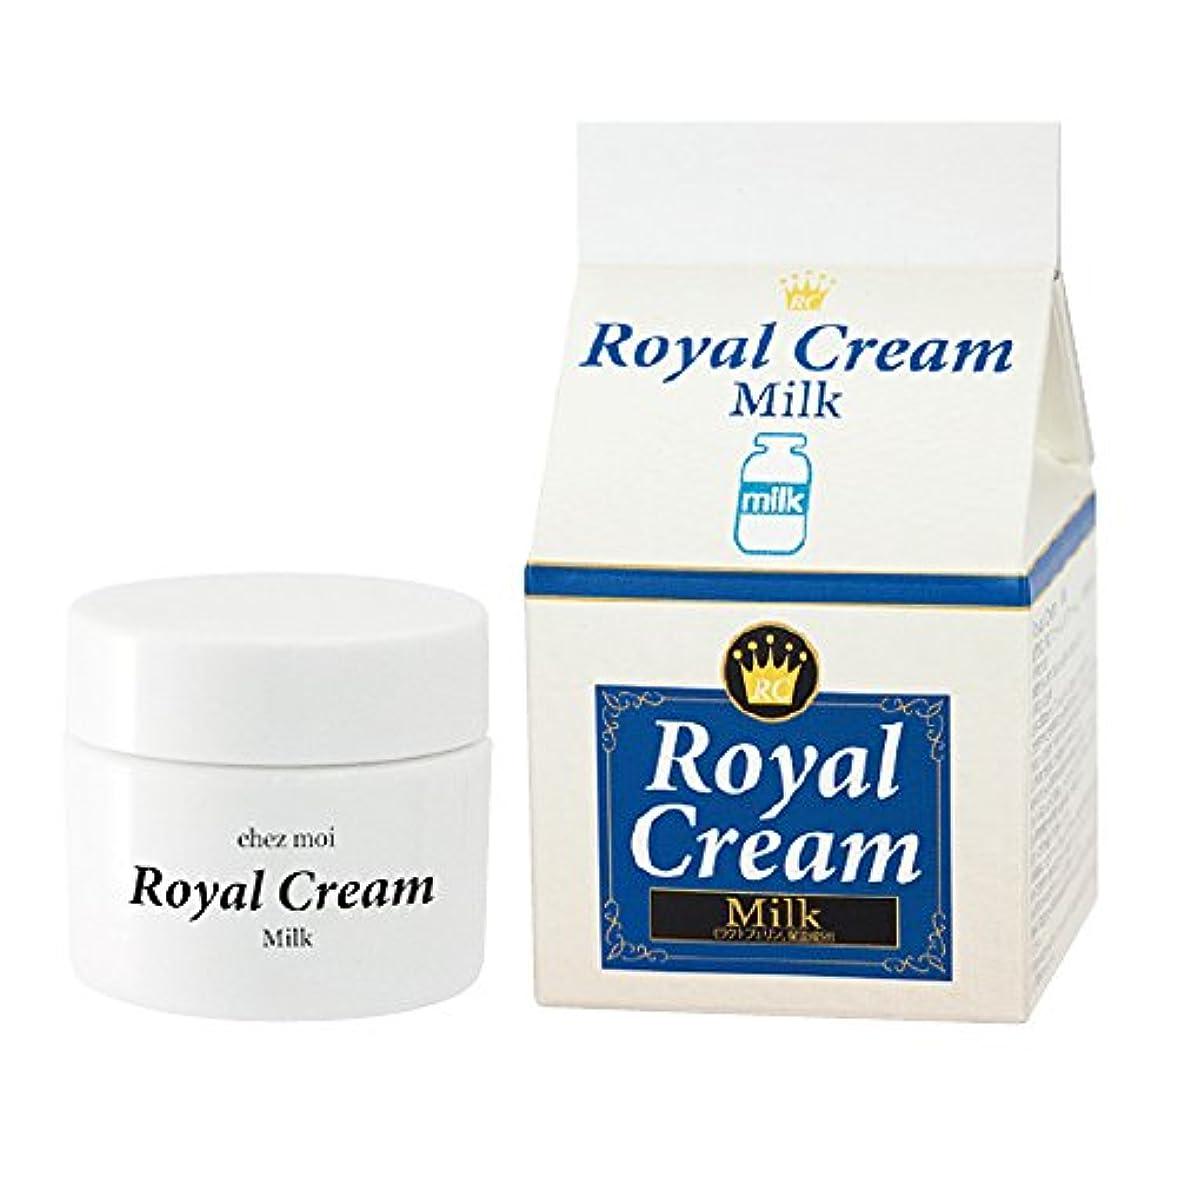 宿題をする土器トランスペアレントRoyal Cream(ロイヤルクリーム) Milk(ミルク) 30g